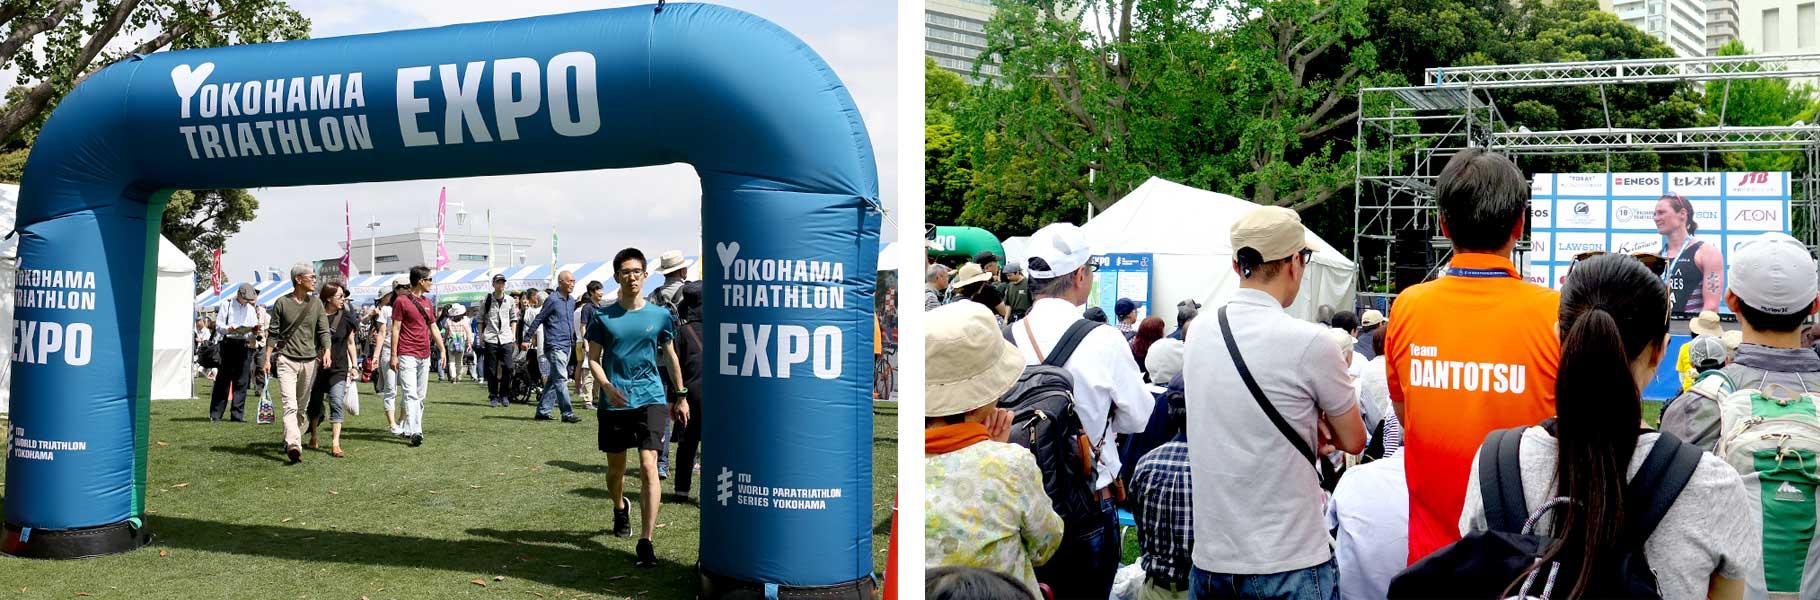 2020ITU世界トライアスロンシリーズ横浜大会EXPO